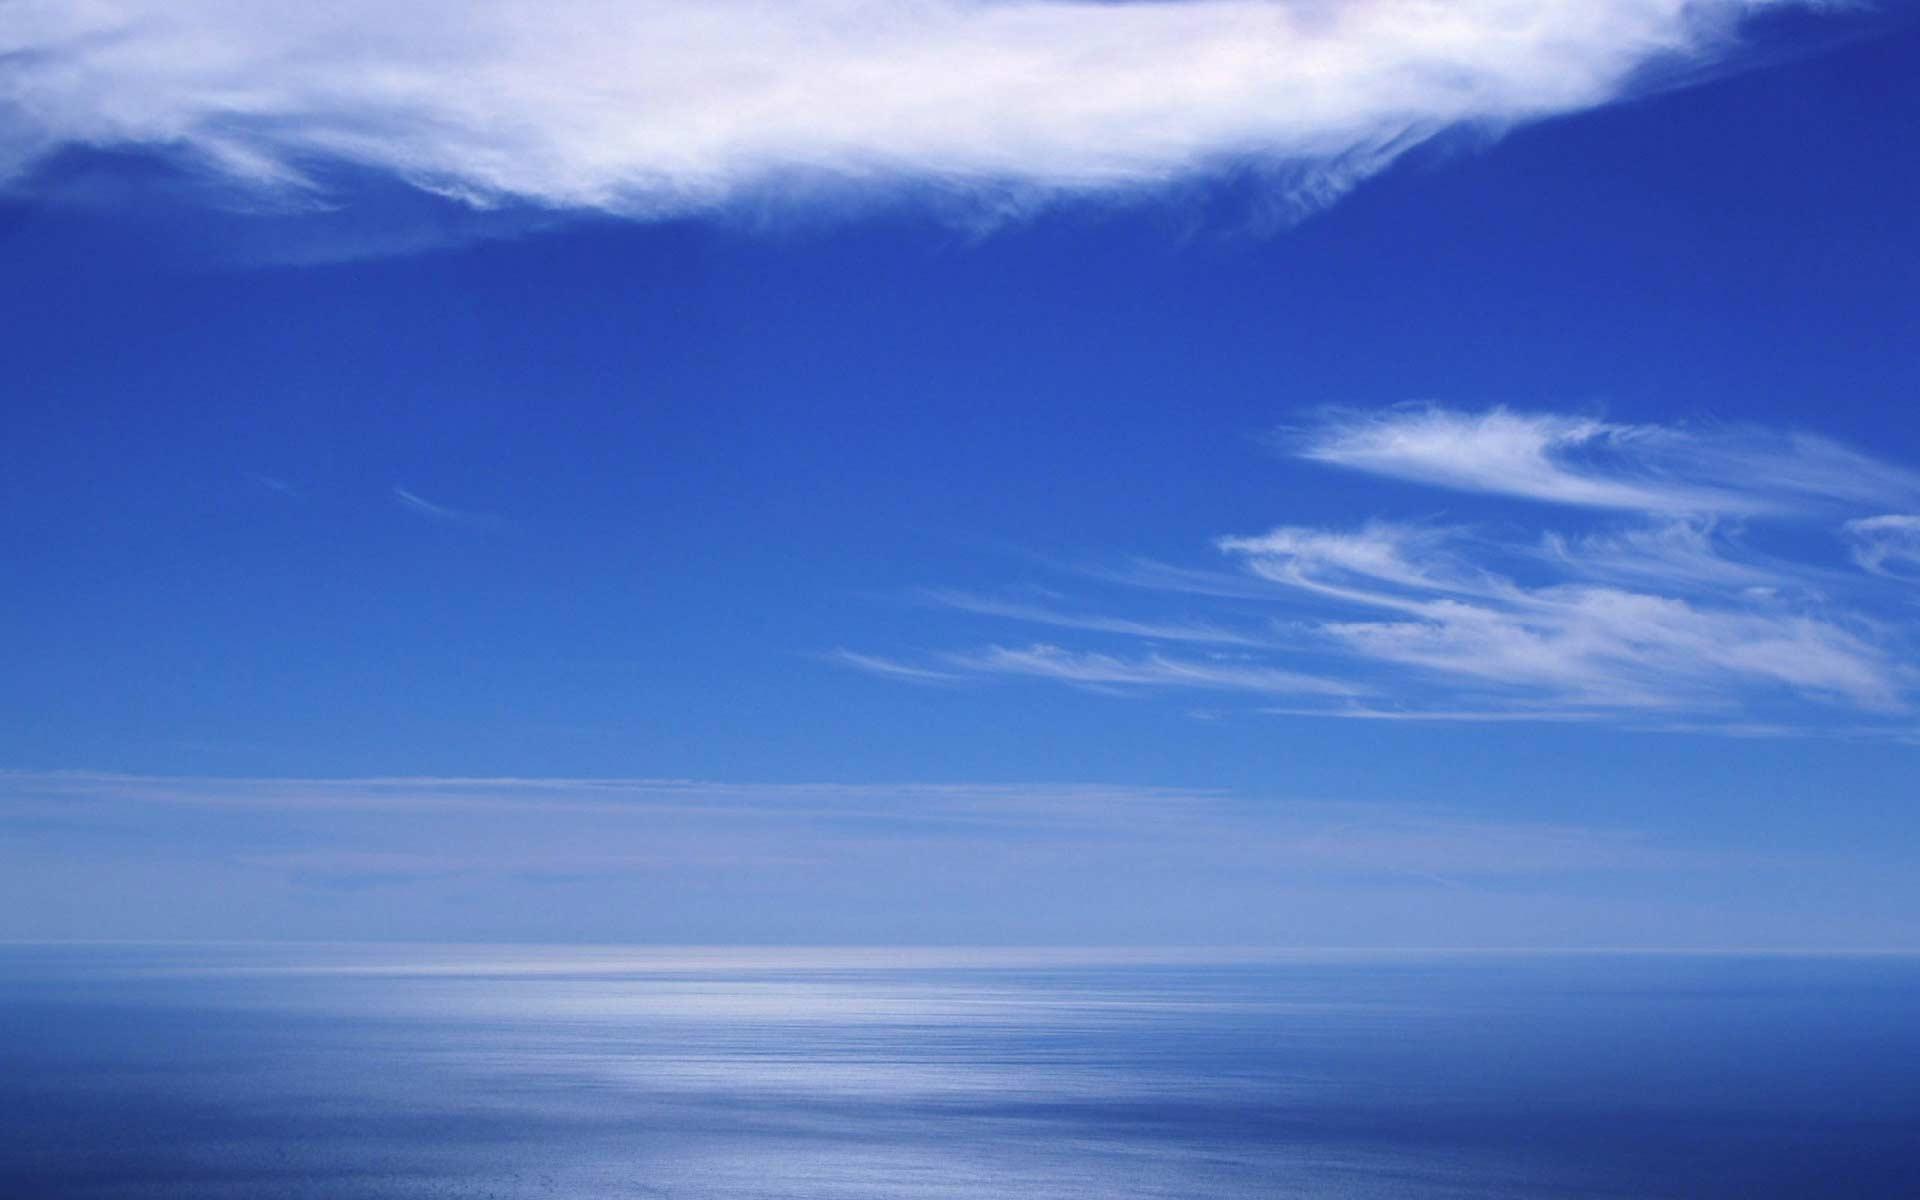 Обои морской горизонт картинки фото